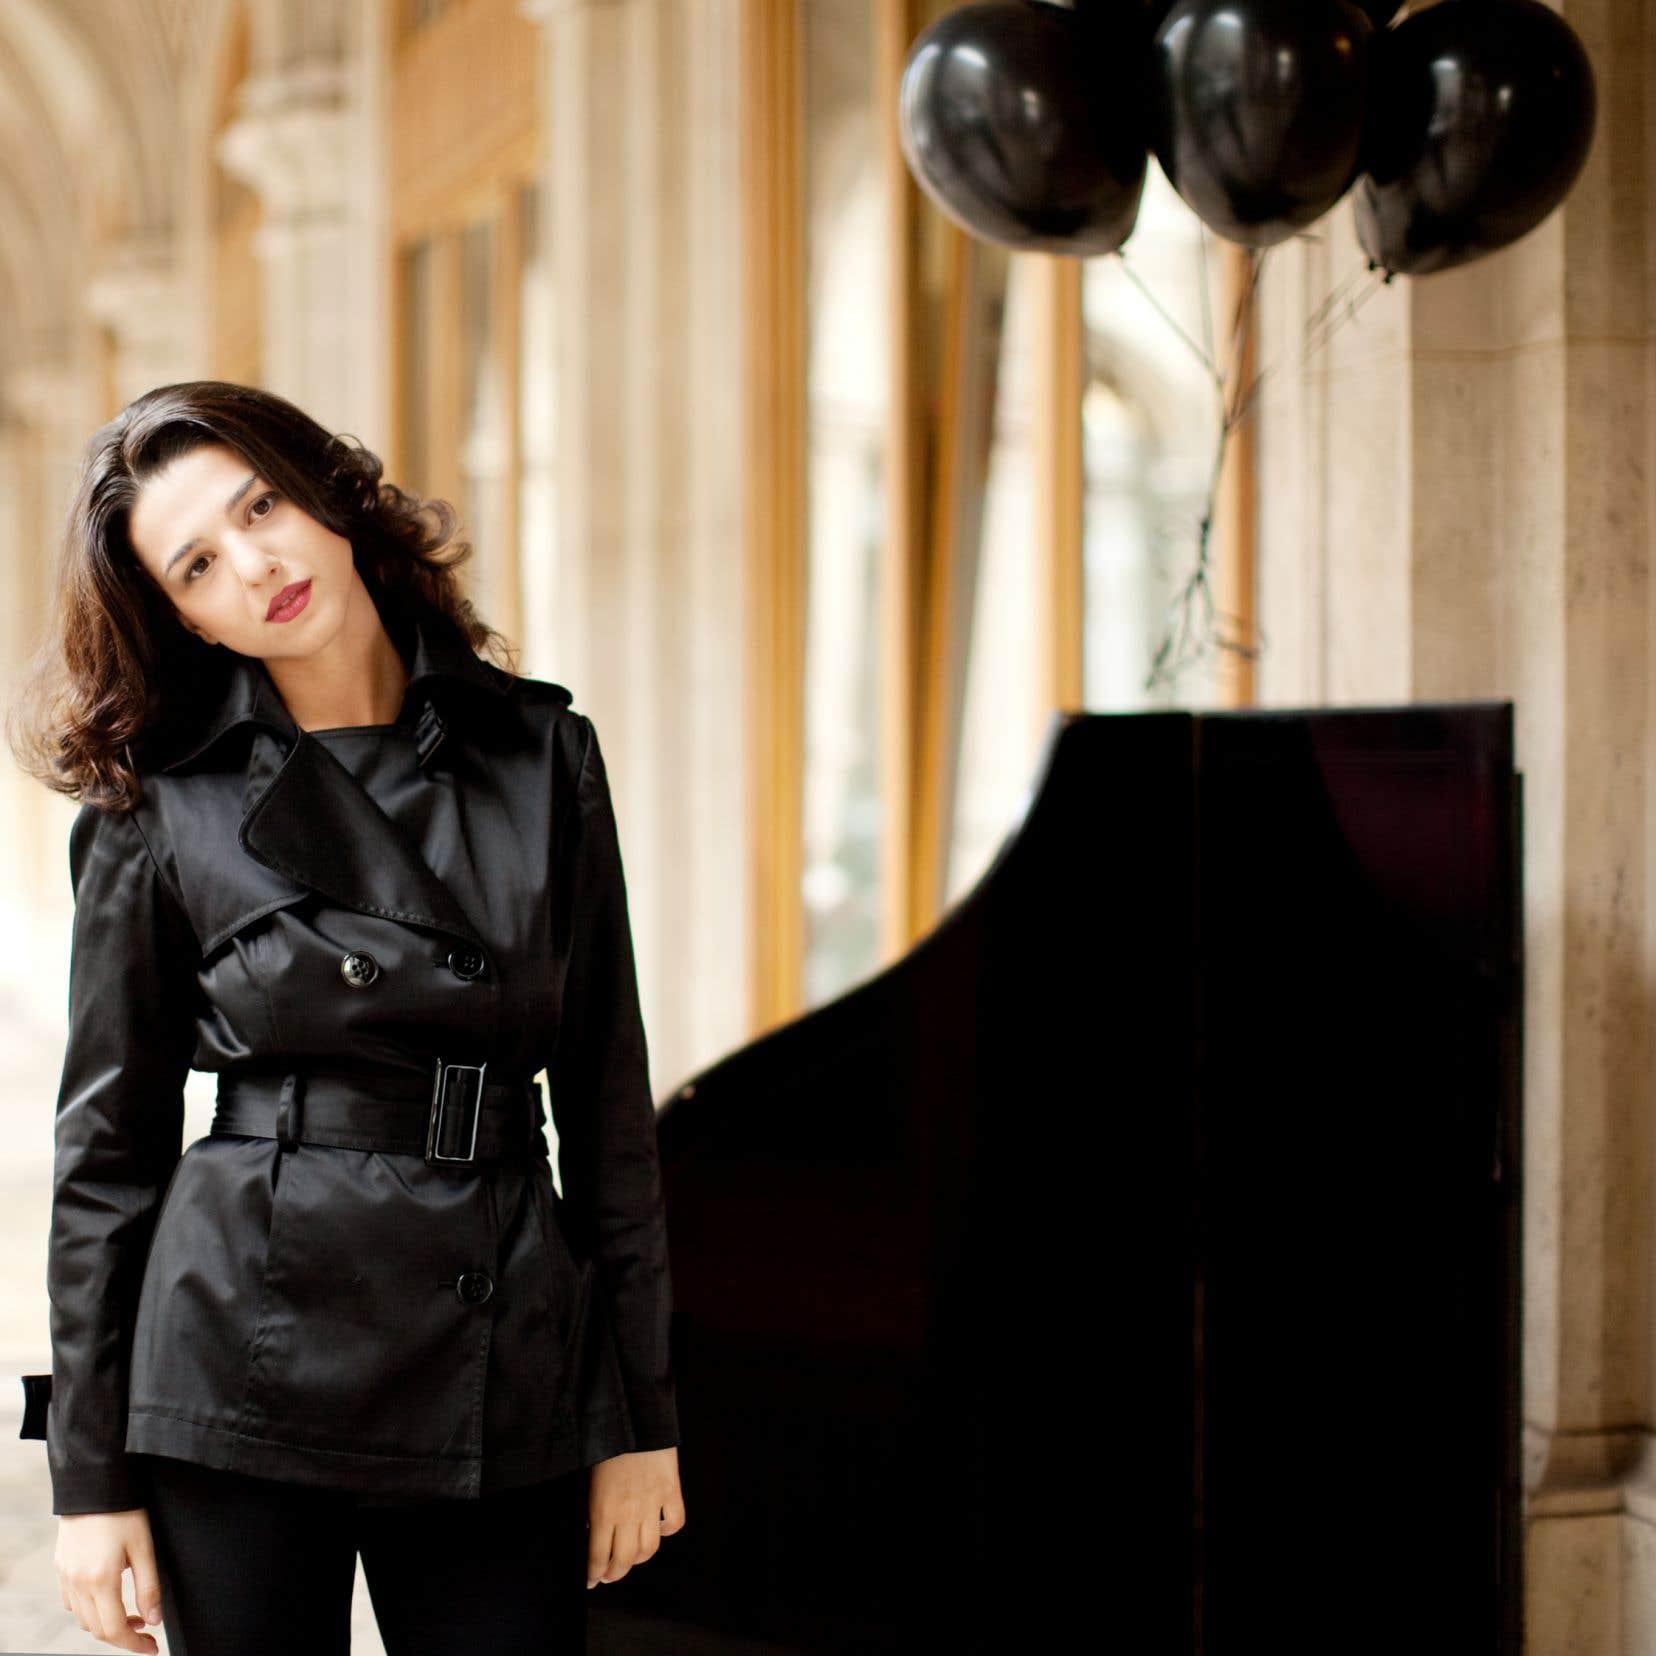 Là où le bât blesse dans la prestation de Khatia Buniatishvili, c'est en matière de style et de goût, juge notre critique Christophe Huss.